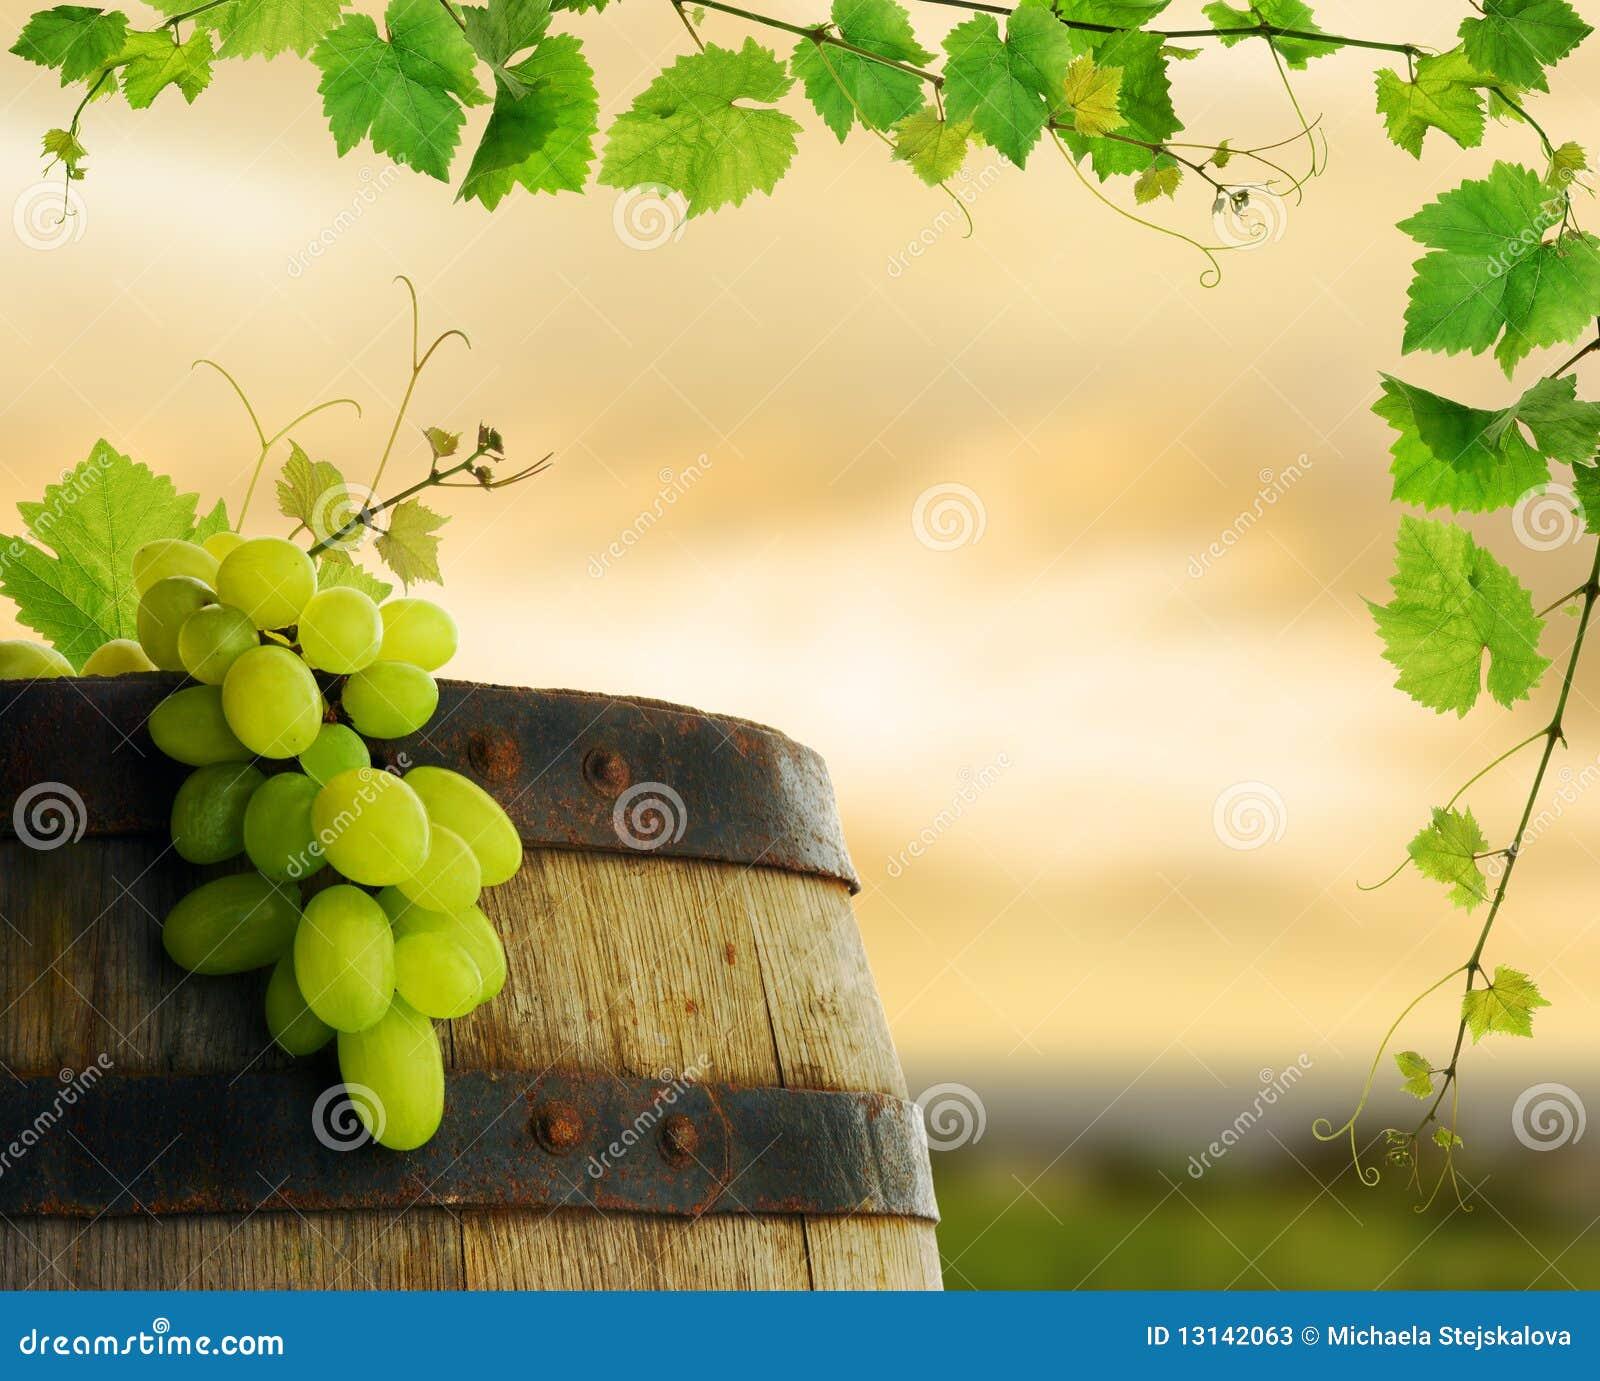 Barril de vino con la uva y la vid fotos de archivo - Barril de vino ...